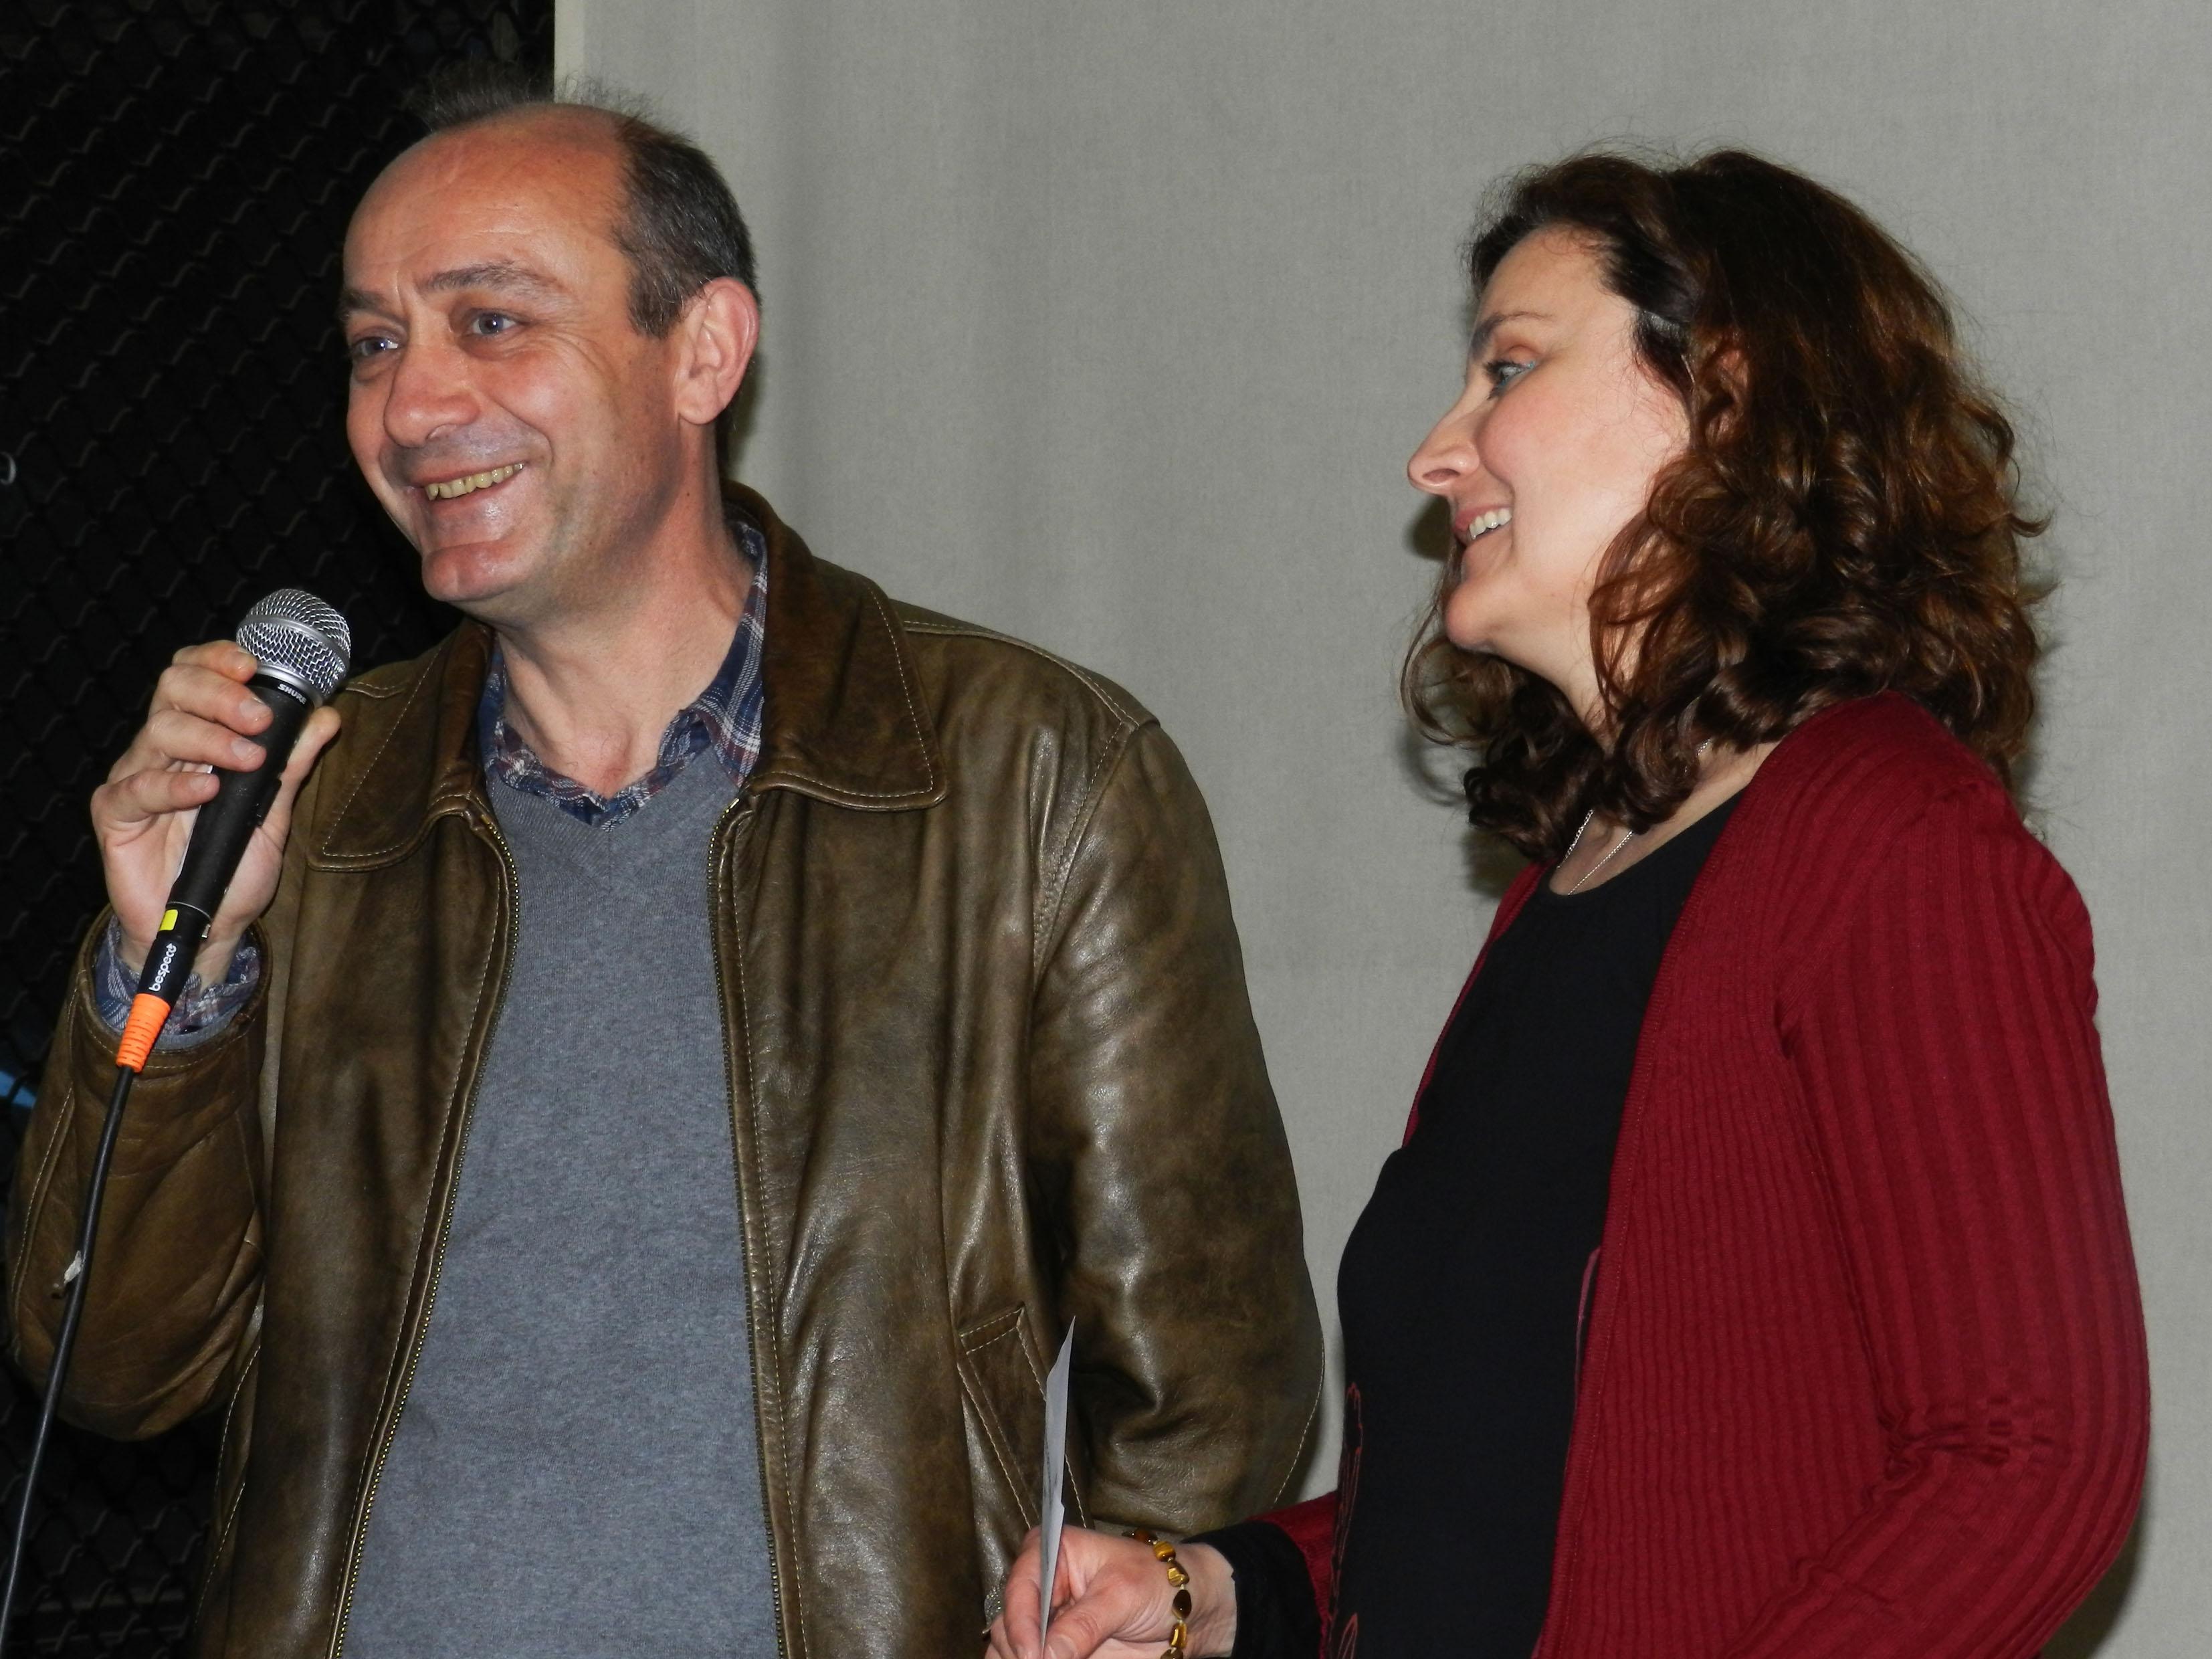 Το Φεστιβάλ ήταν οργάνωση της Εταιρείας Ελλήνων Σκηνοθετών (Παράρτημα Θεσσαλονίκης), εδώ ο Νίκος Σέκερης, μέλος του Δ.Σ. της ΕΕΣ, με την Αναστασία Χριστοφορίδου.